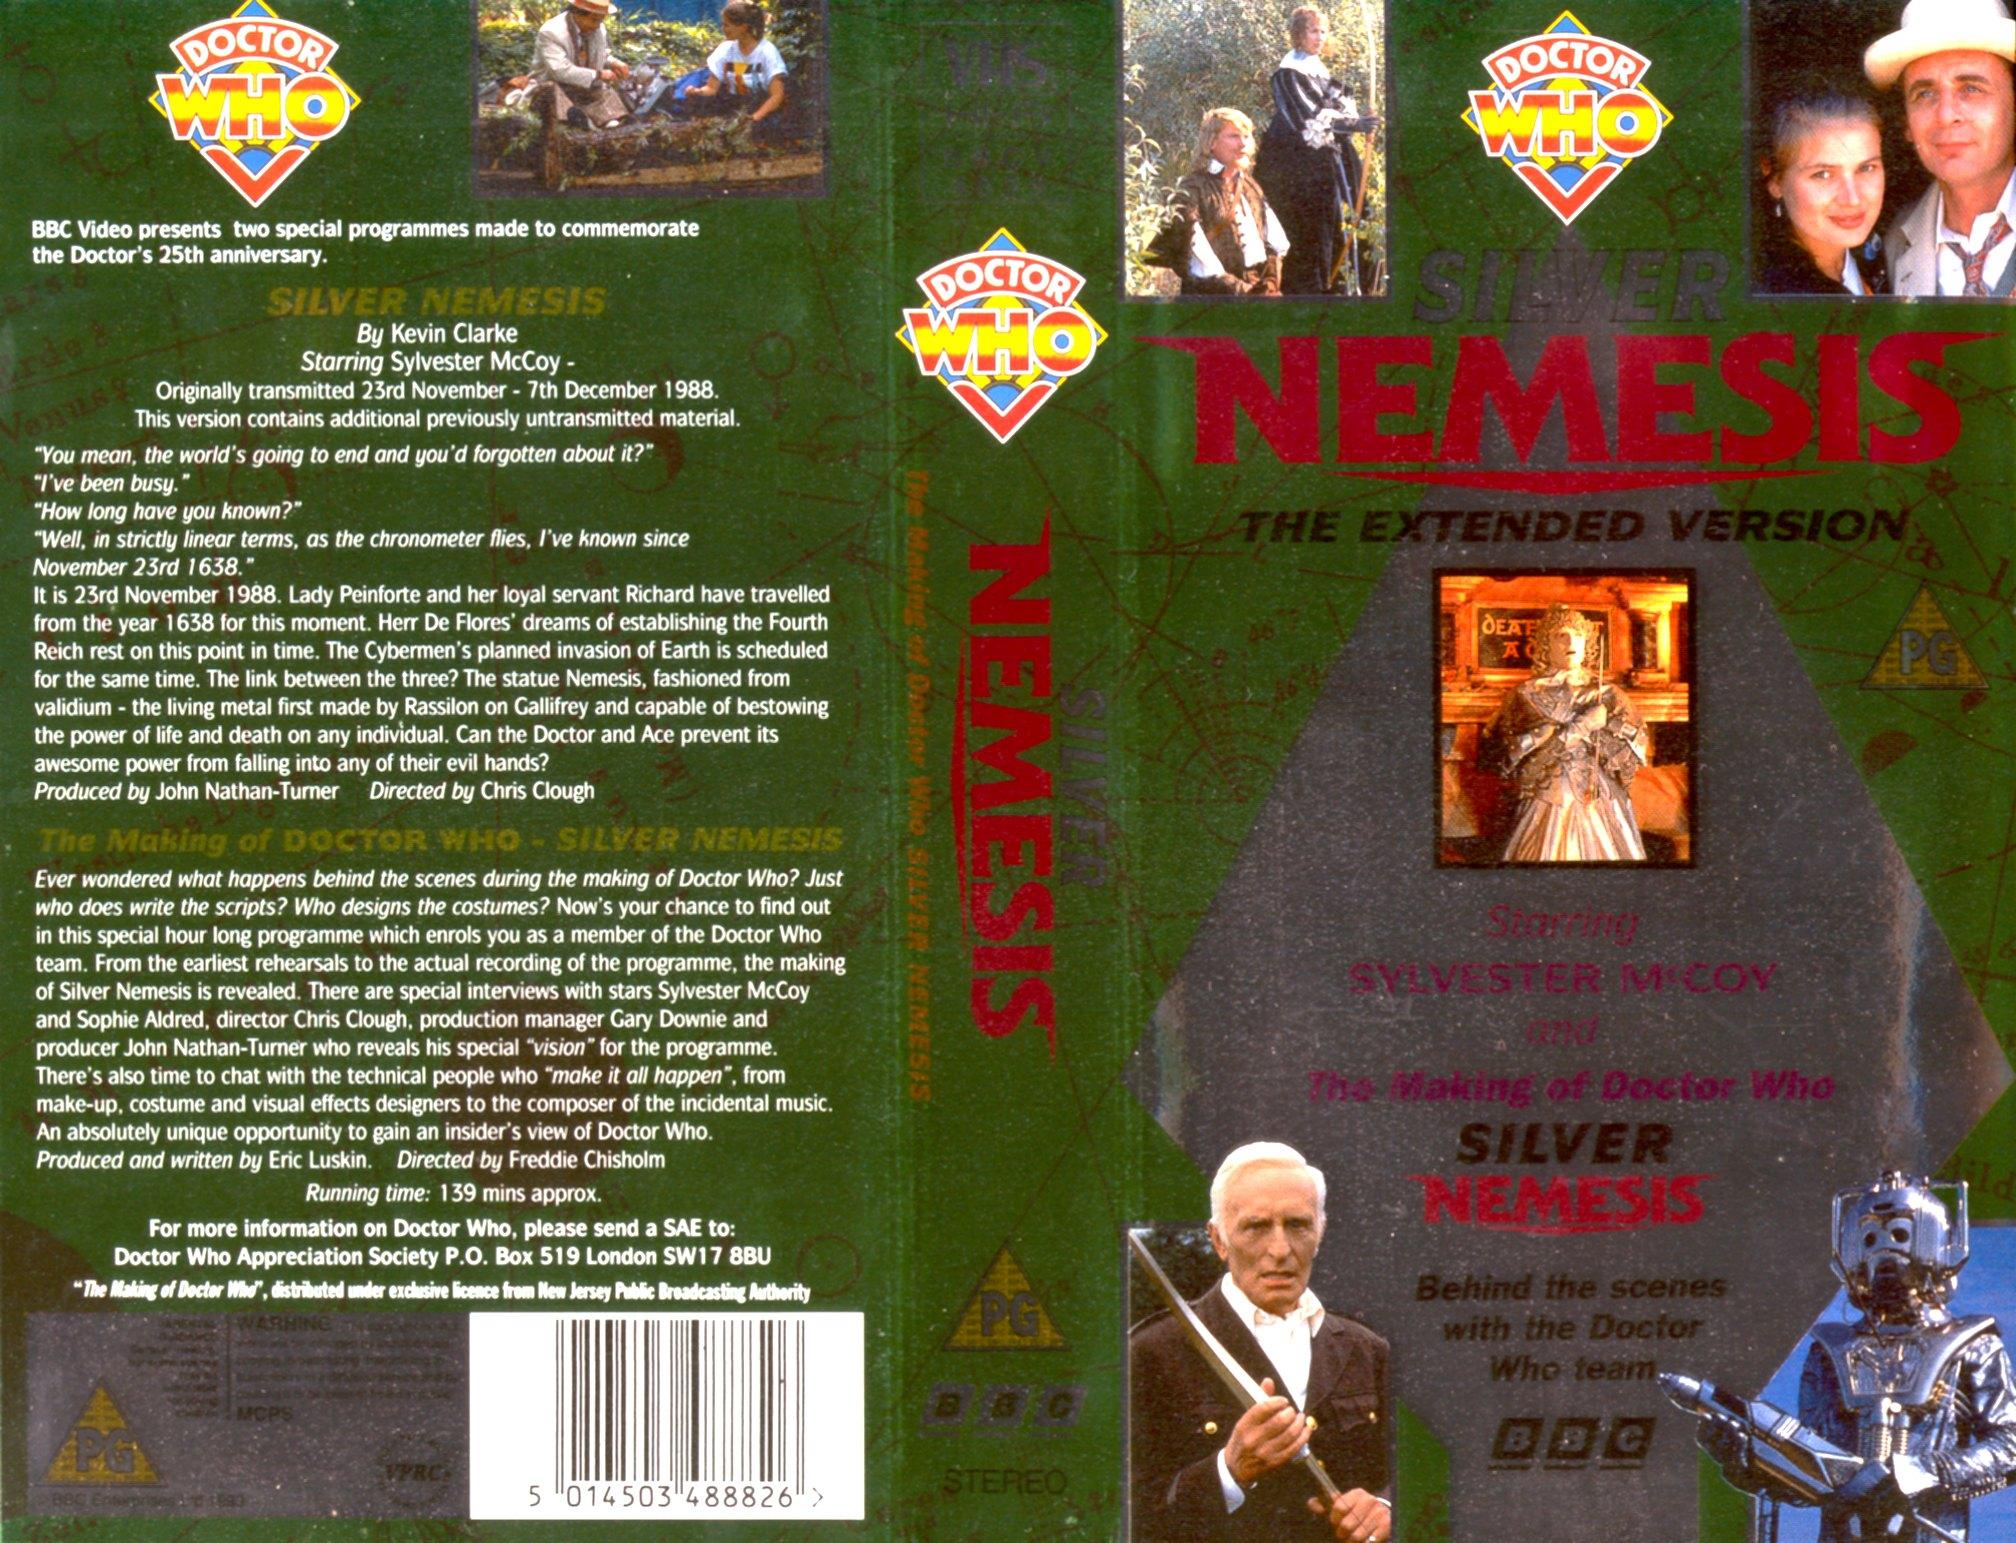 Silver Nemesis VHS